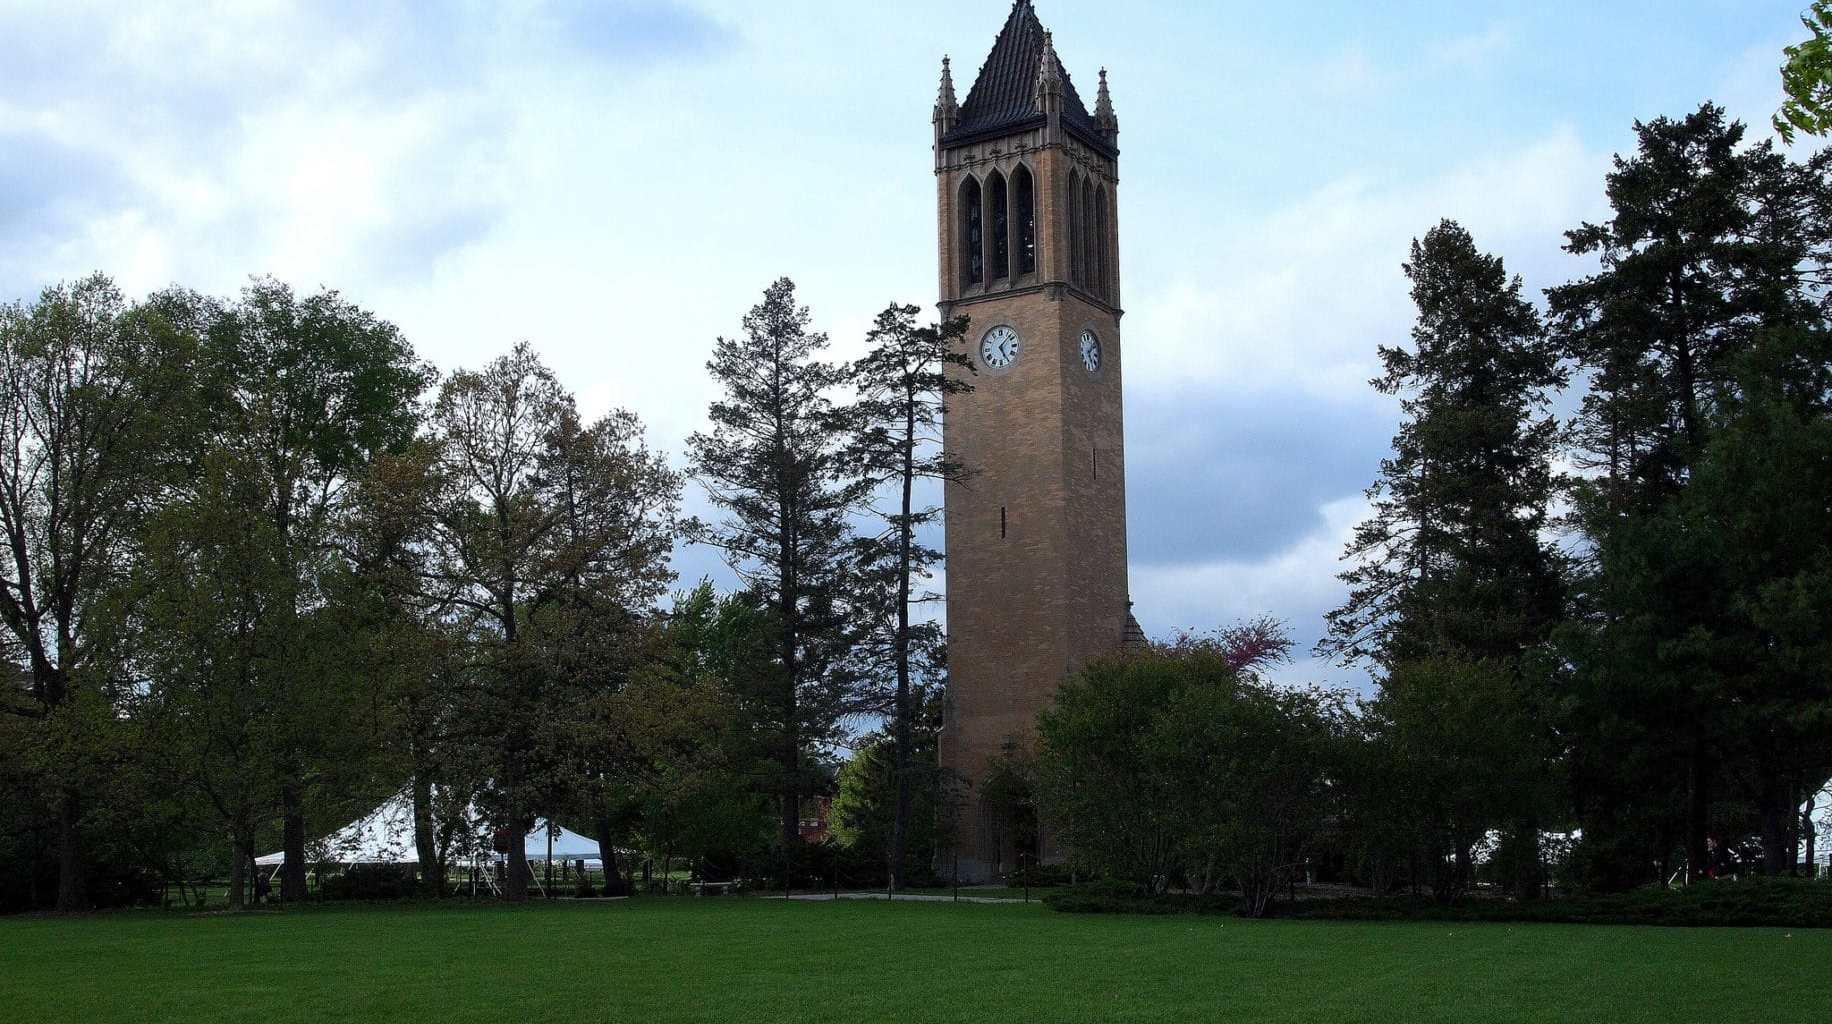 The Campanile at Iowa State University. Photo credit: Joe Wolf